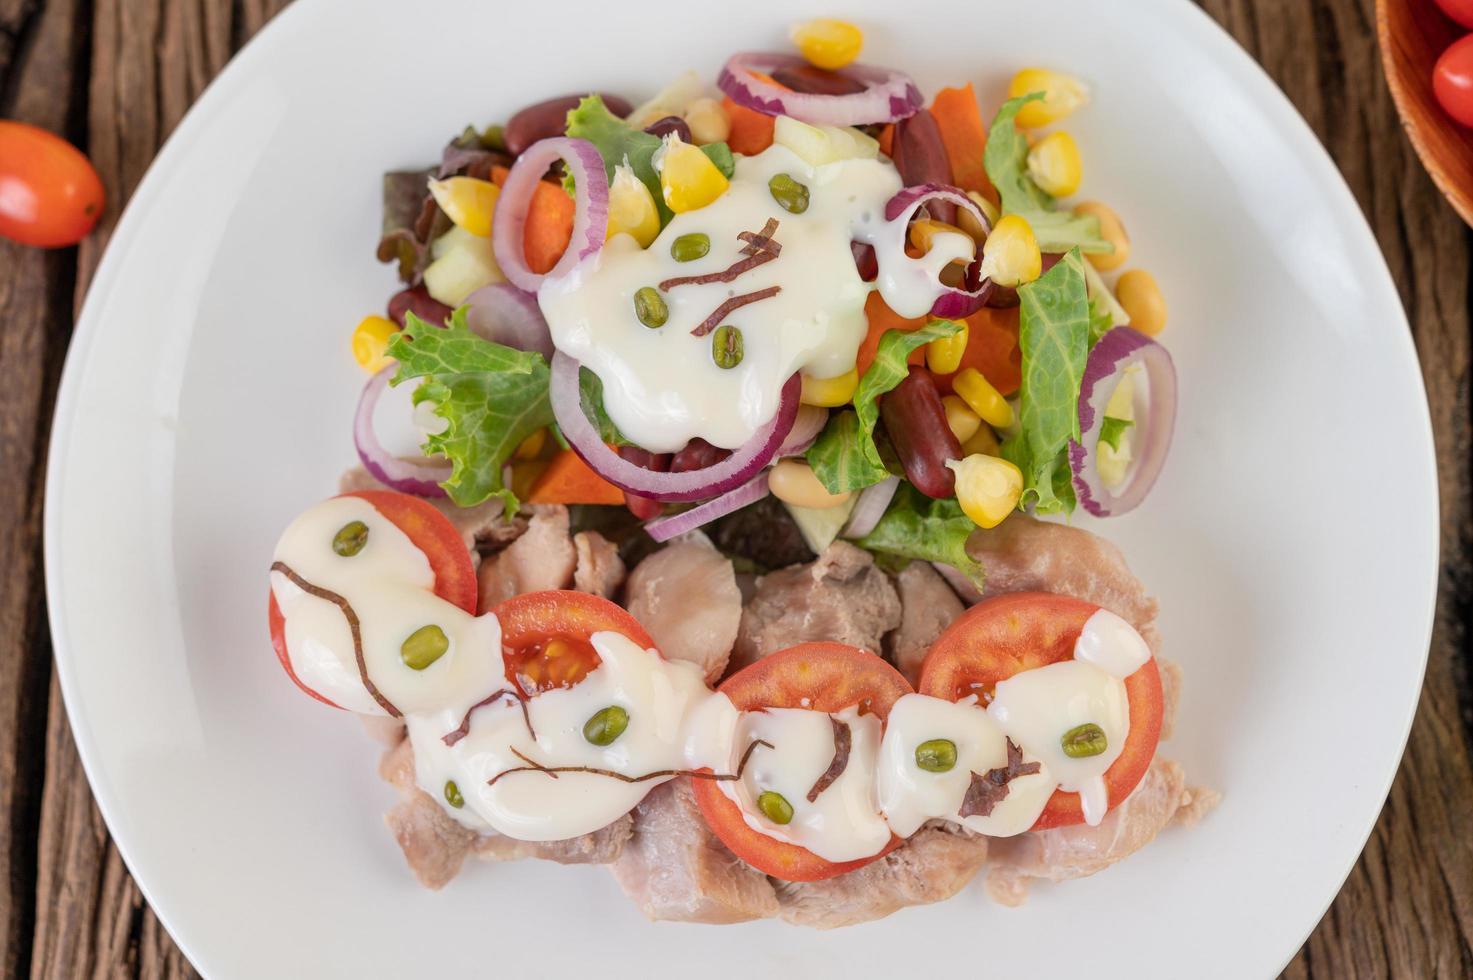 frukt- och grönsaksallad på en vit platta foto